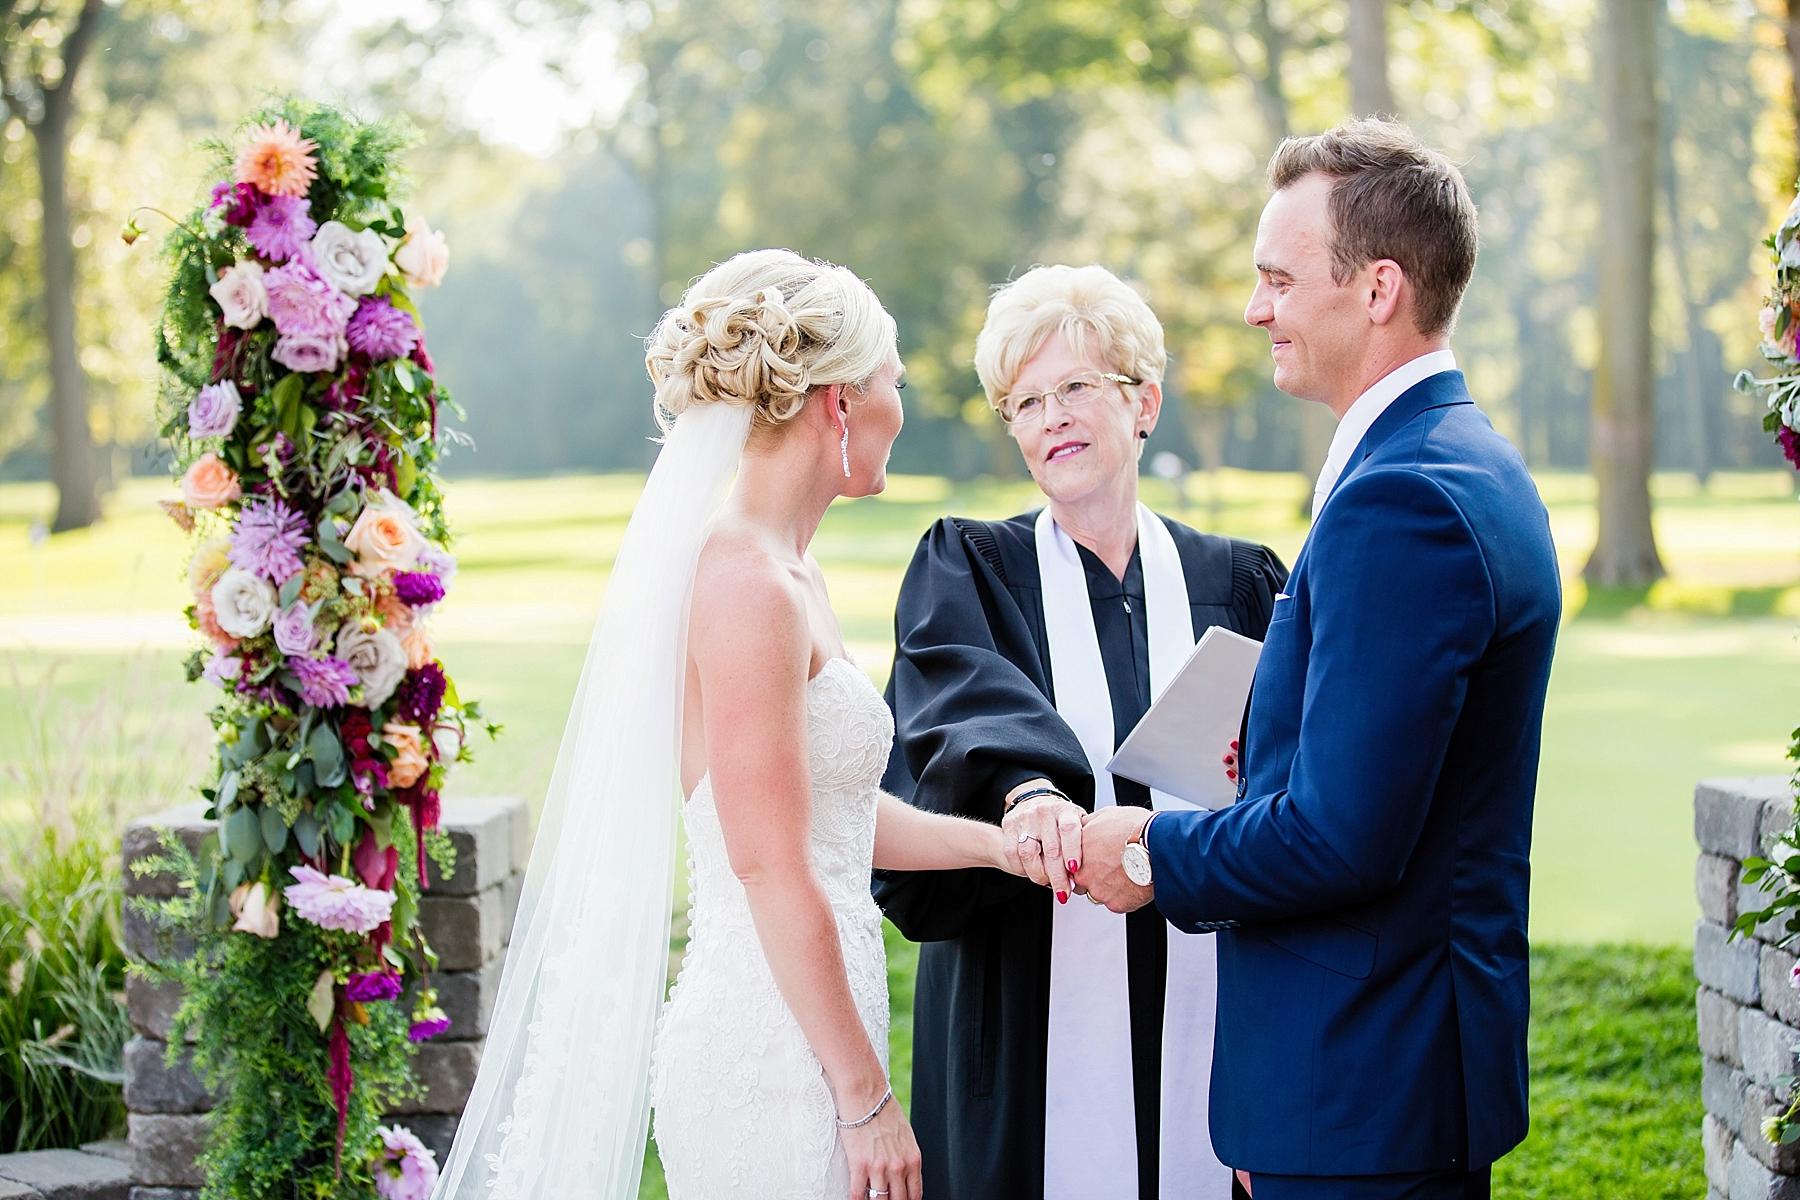 windsor-wedding-photographer-essex-golf-country-club-wedding-eryn-shea-photography_0032.jpg